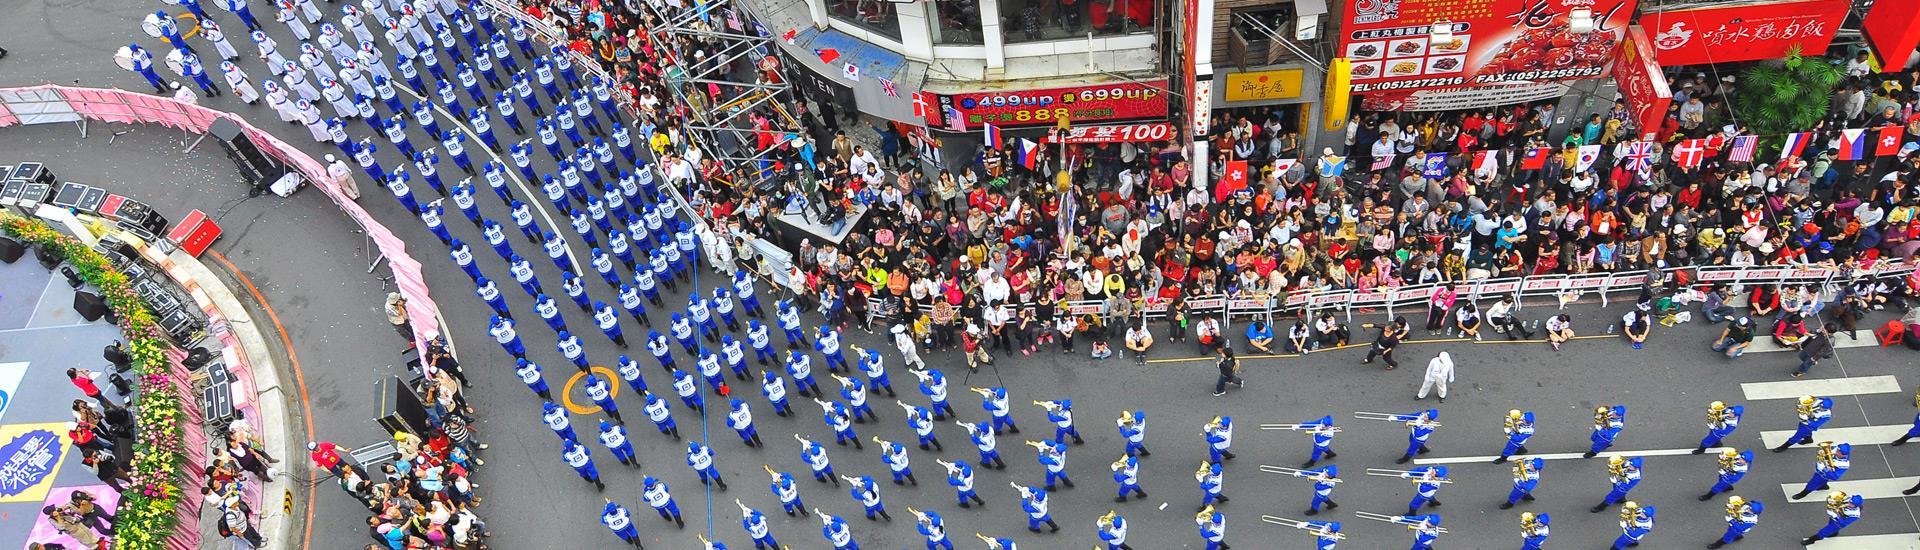 嘉義市國際管樂節遊行